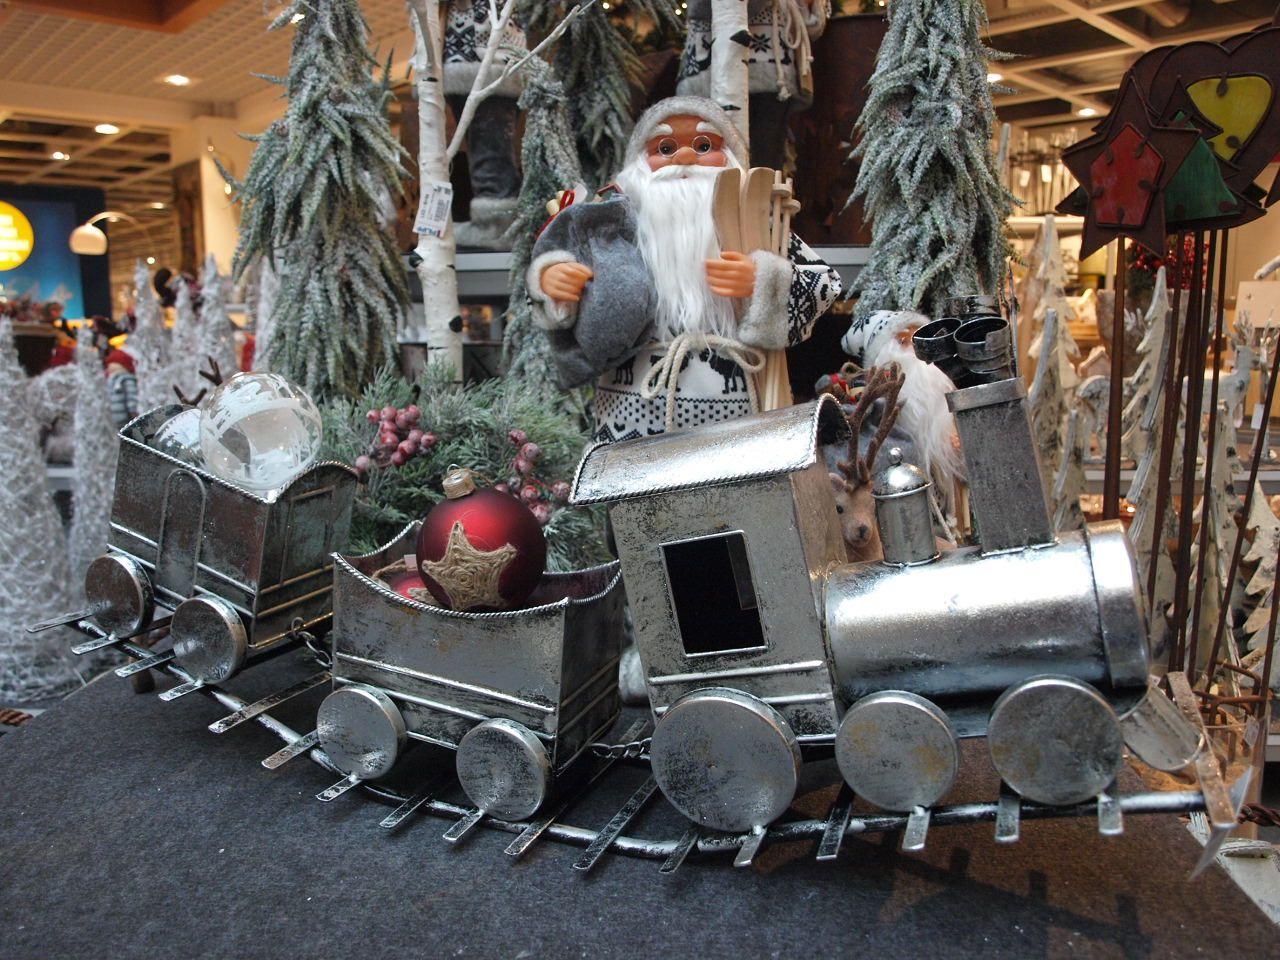 Wunderschöne Dekoartikel für die Weihnachtszeit - Weihnachtsmann und Eisenbahn